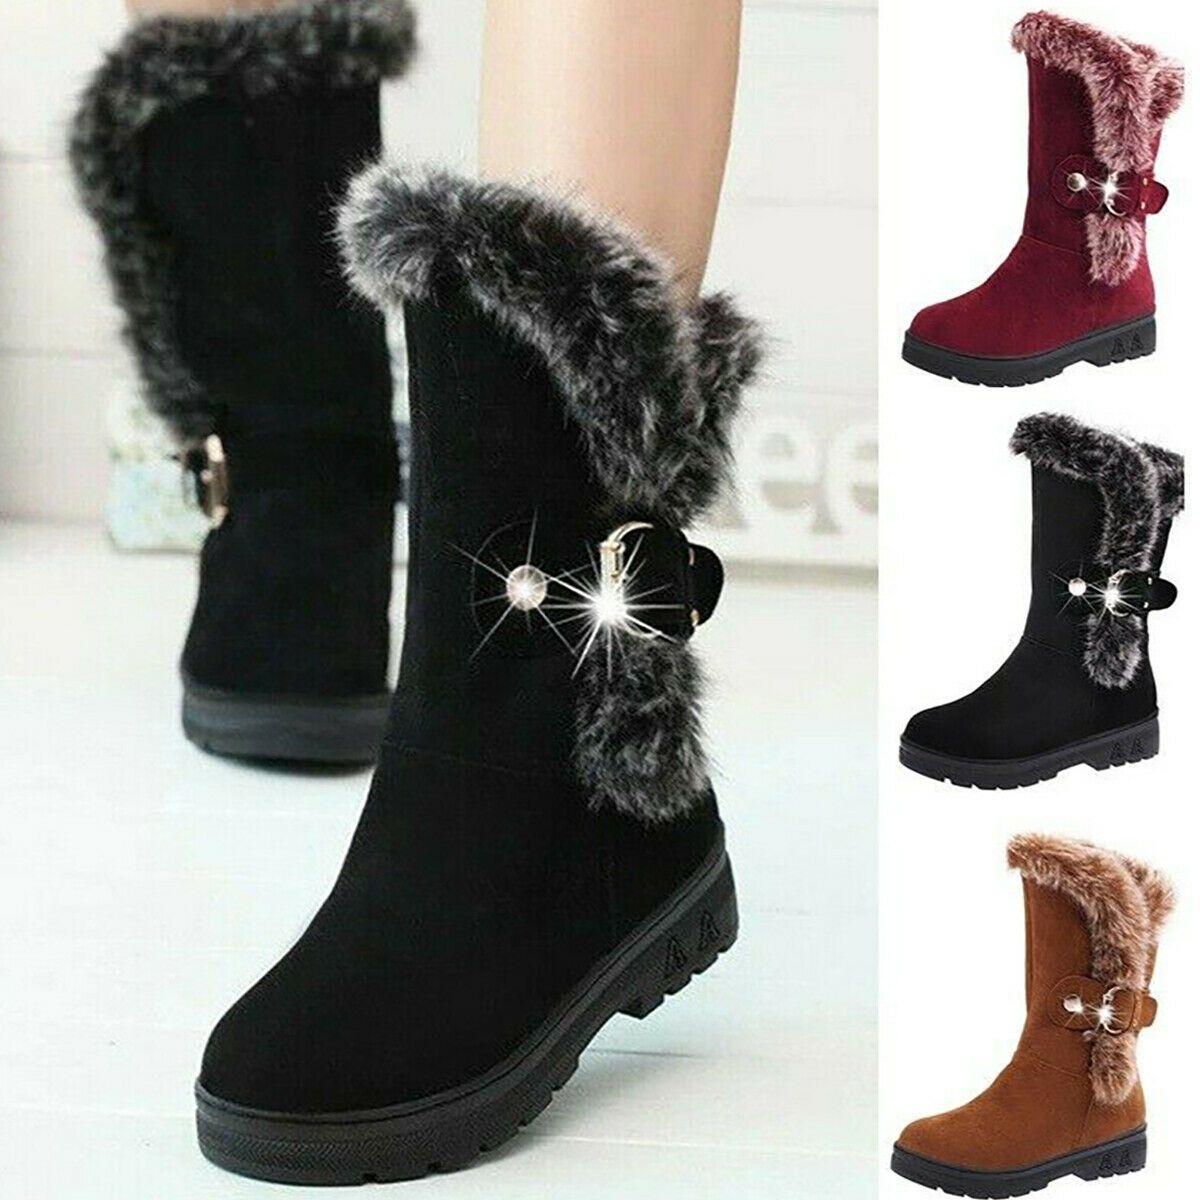 Damen Stiefeletten Schlupfstiefel Winter Stiefel 895787 Trendy